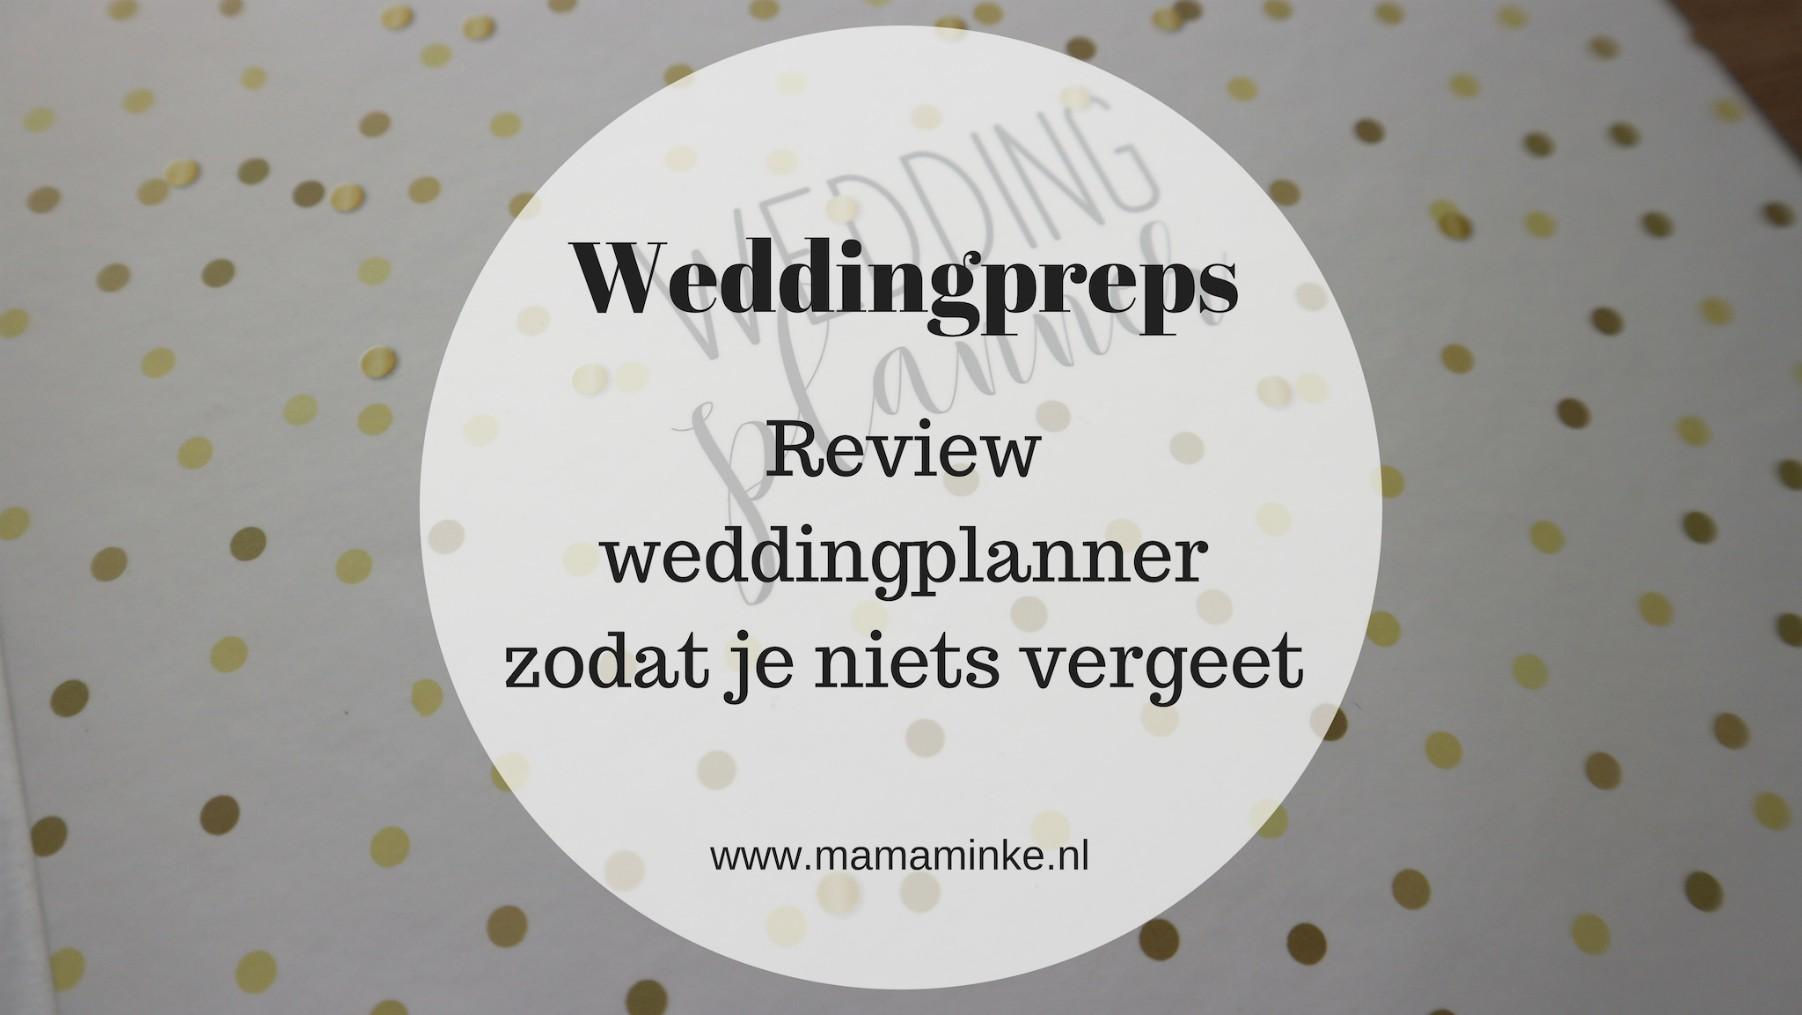 Weddingpreps: review weddingplanner; zodat onze dag perfect wordt.